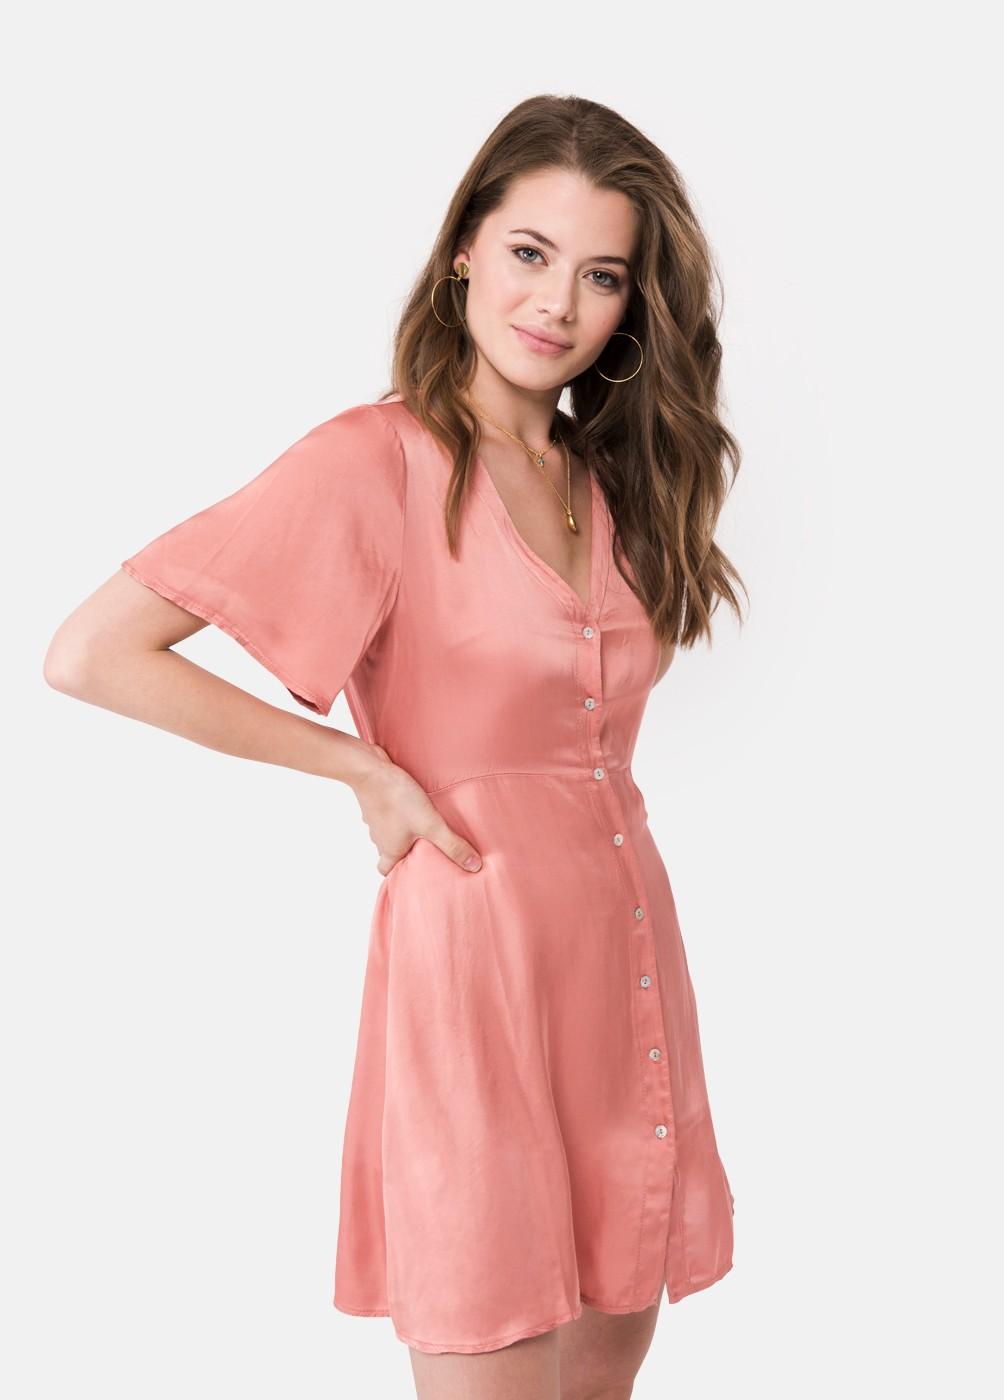 Vestidos de fiesta y casual | Nueva Colección OI 18 - Brownie Spain